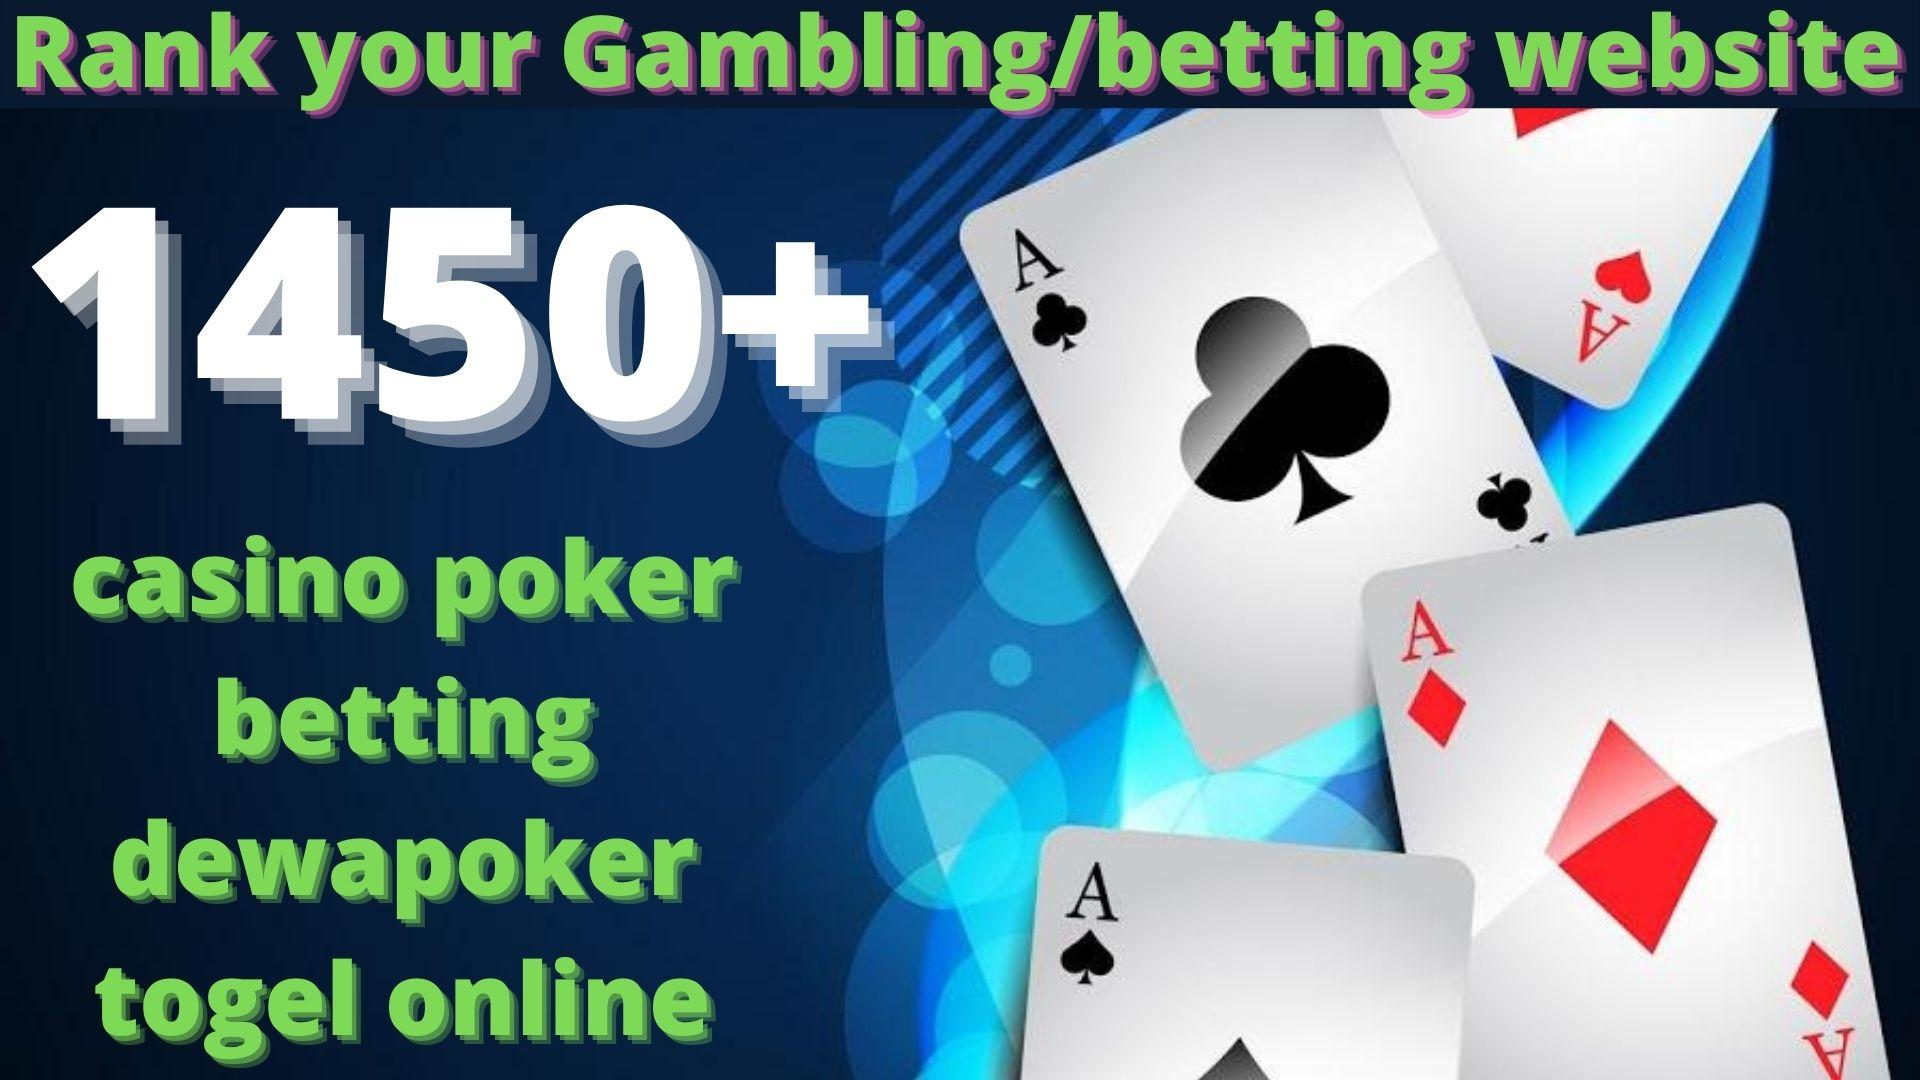 1450 High Quality Homepage Backlink Casino,  Poker,  Gambling BETTING DA50+ PA 35+ 100 DOFOLLOW